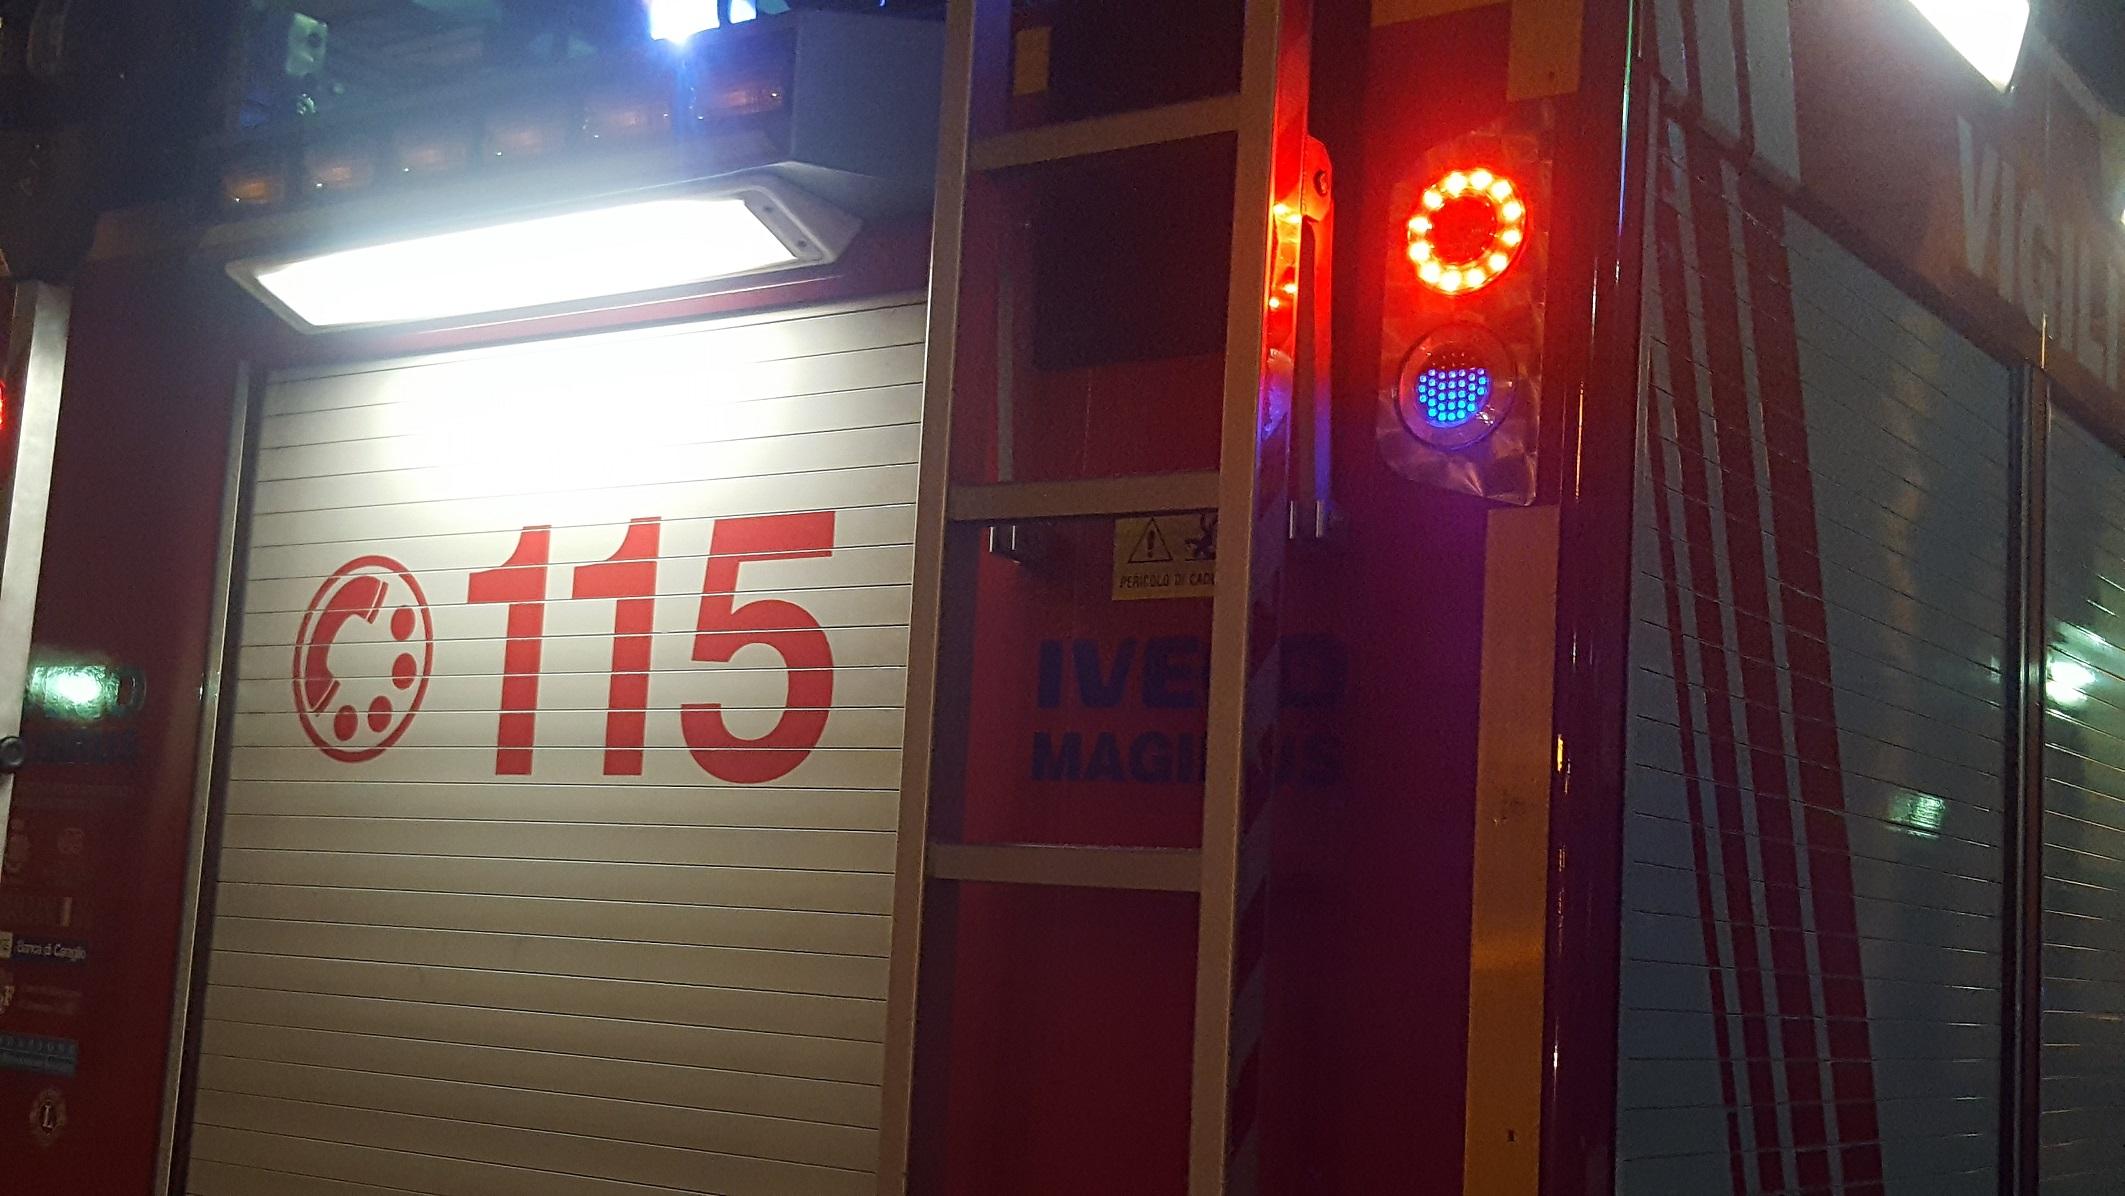 casa-isolata-in-fiamme-a-murazzano:-intervento-dei-vigili-del-fuoco-nella-notte